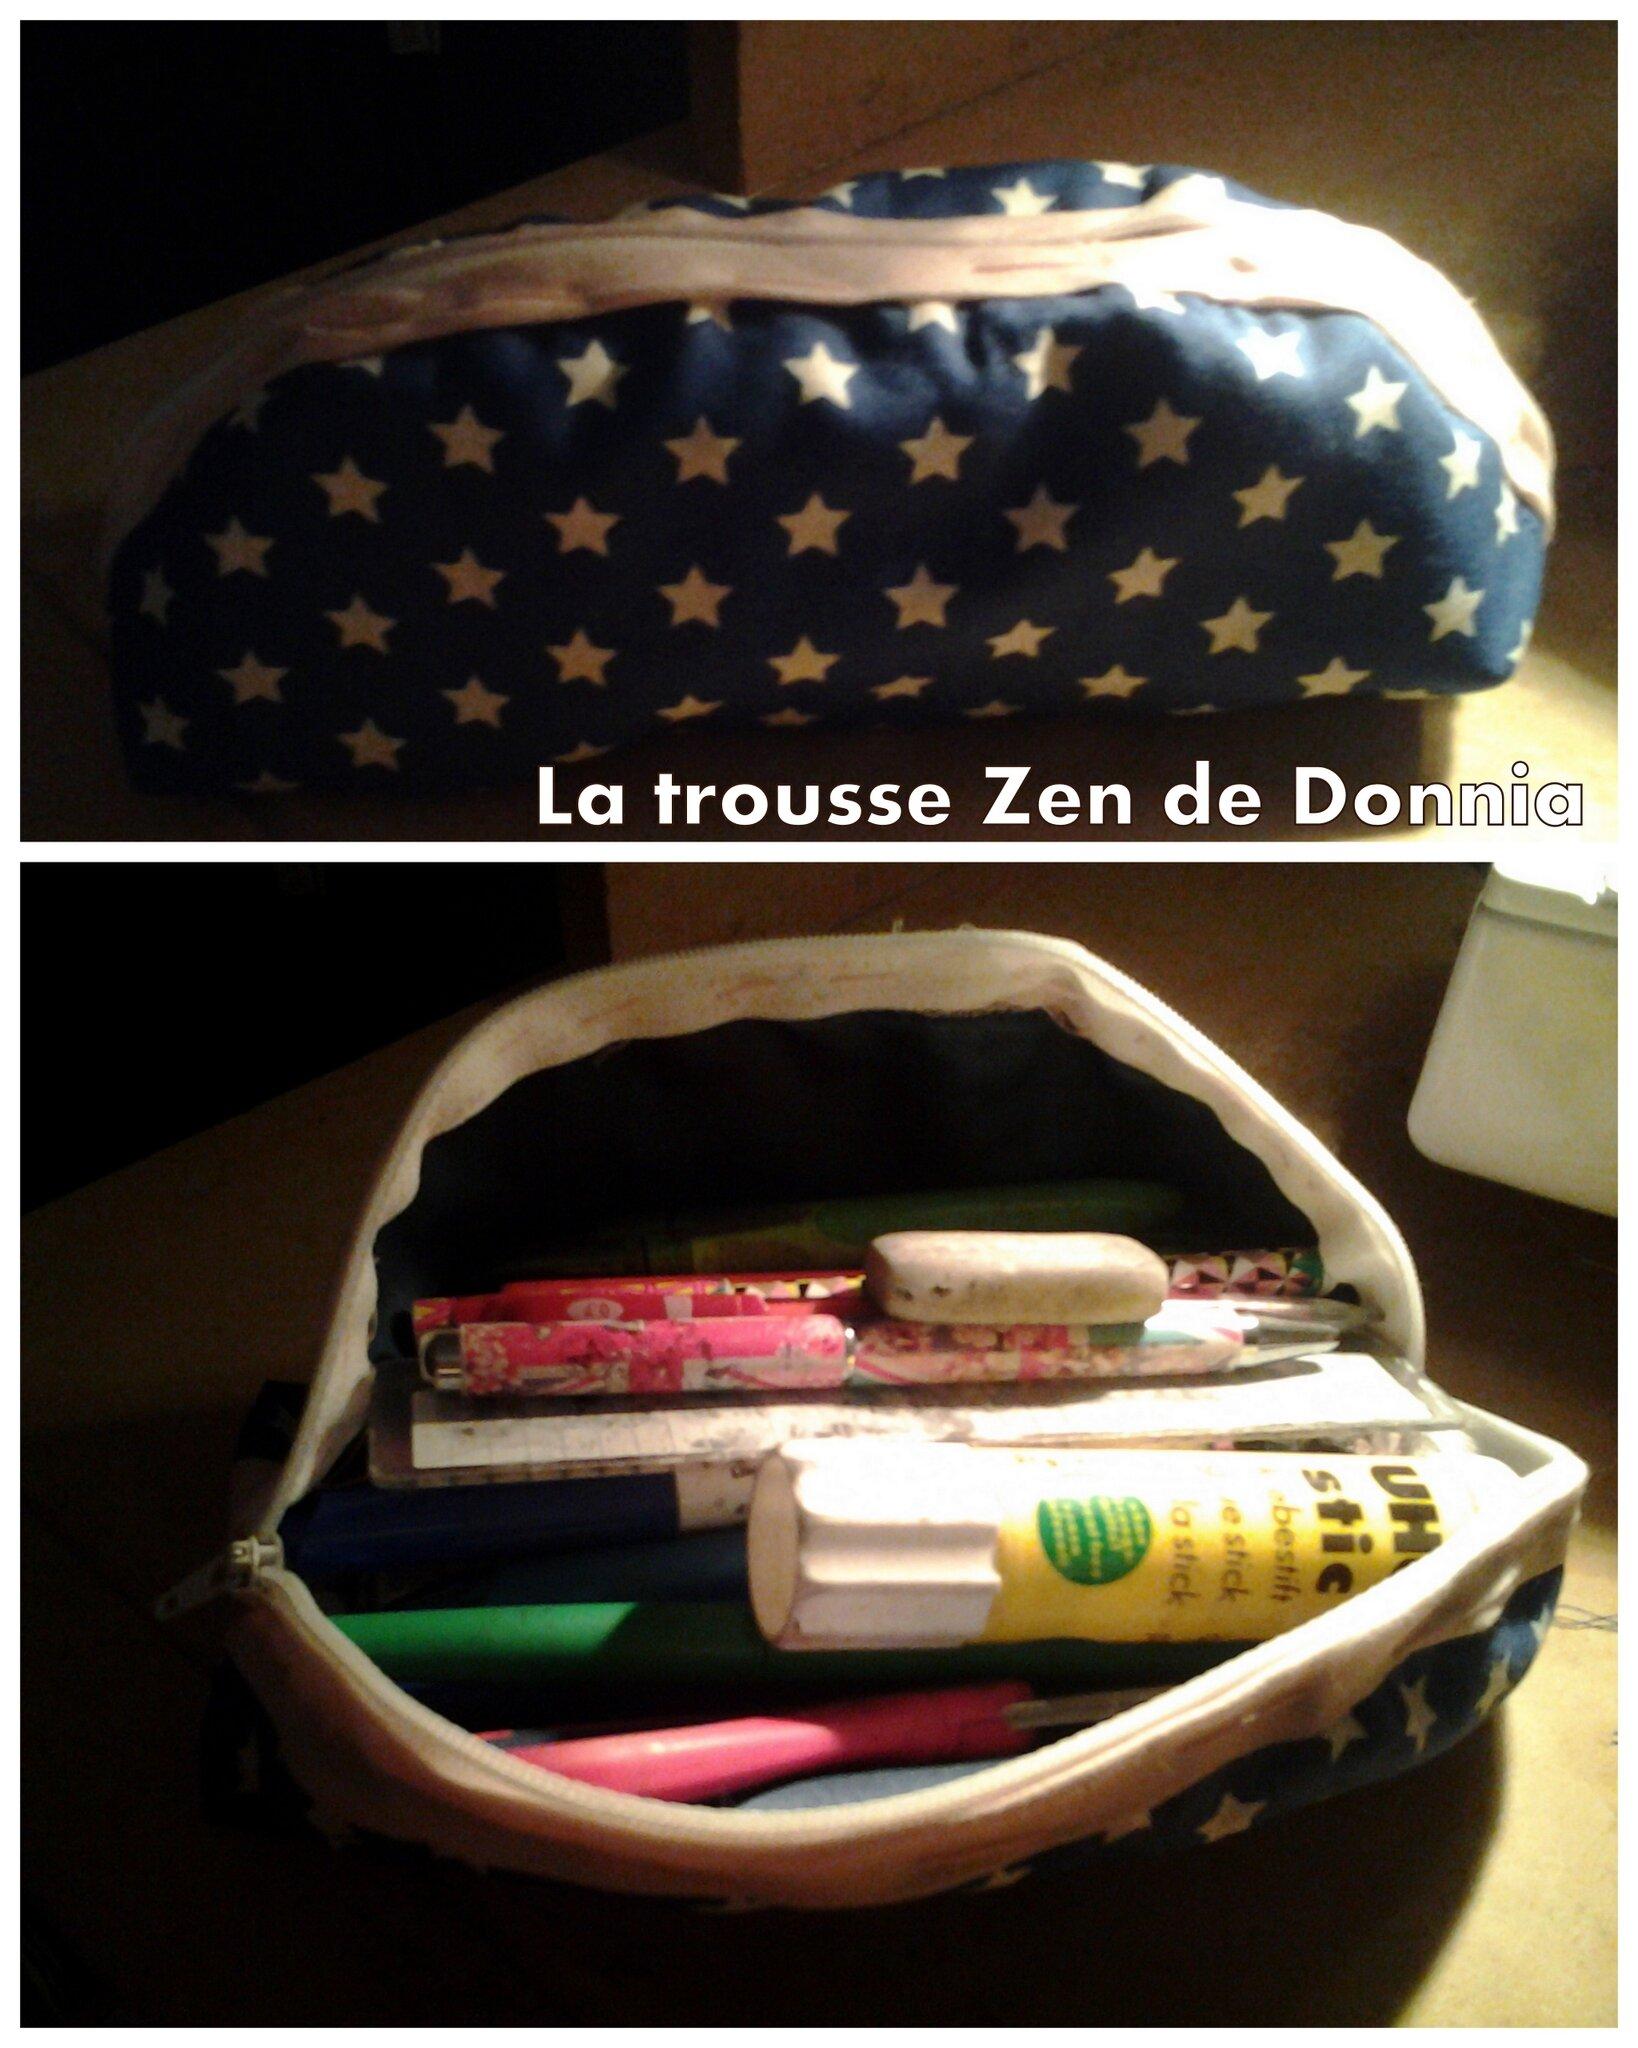 Trousse Zen 42 Donnia